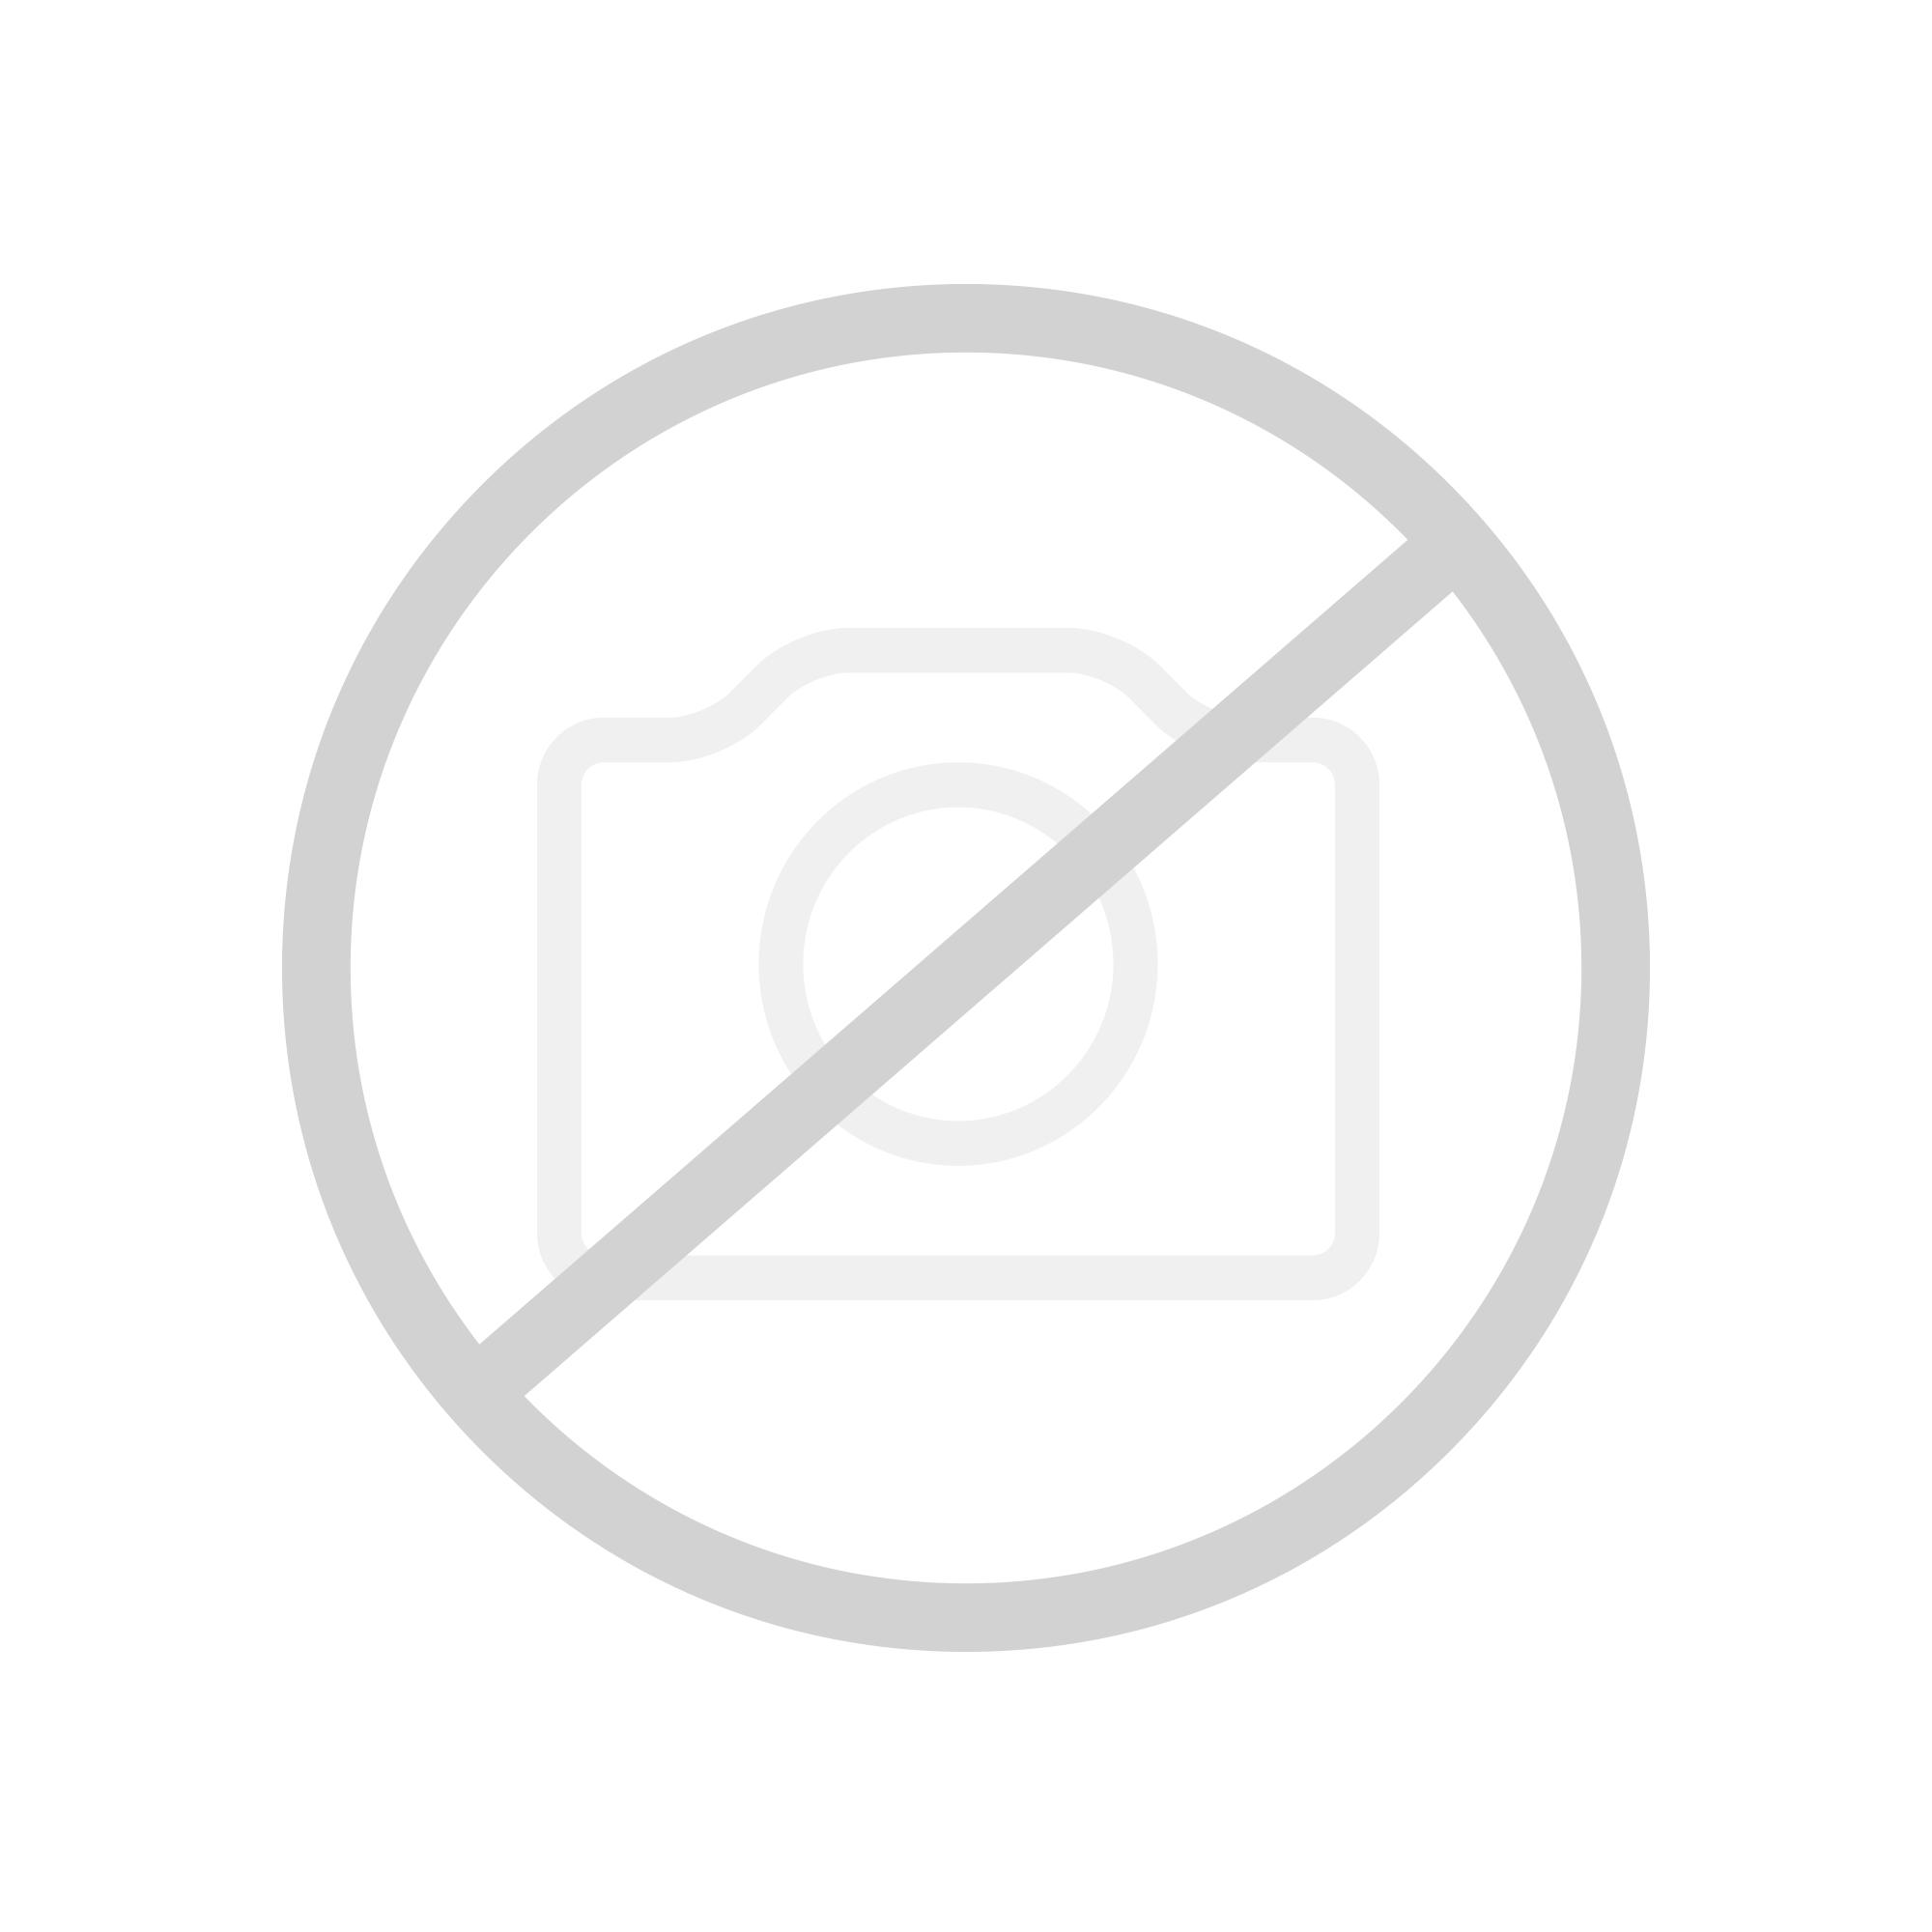 Waschtischkombinationen günstig kaufen bei REUTER | {Doppelwaschtisch welle 78}